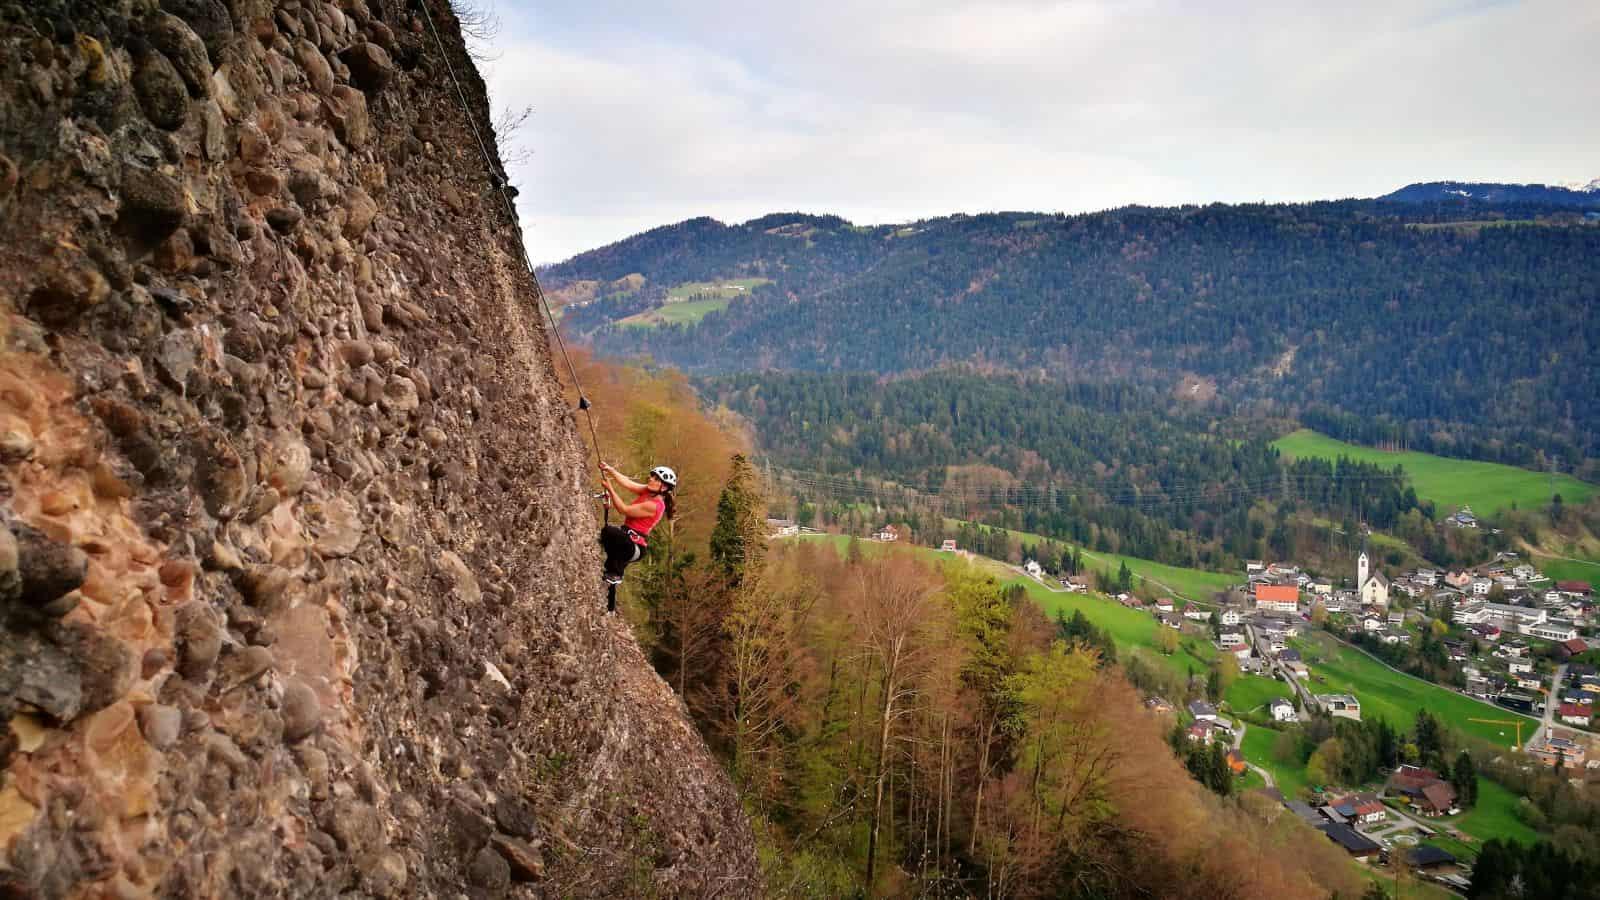 Der neue Klettersteig am Känzele - Variante 3